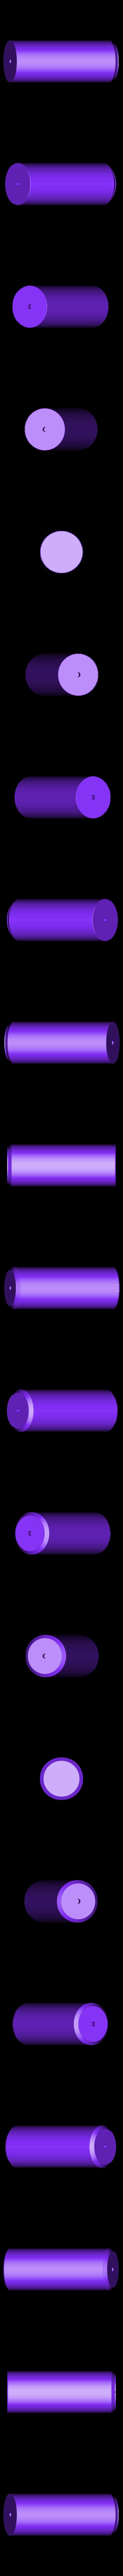 Part_8.stl Télécharger fichier STL gratuit Rifle à plasma progressif dans la gamme de 40 watts (Terminator) • Design à imprimer en 3D, VillainousPropShop